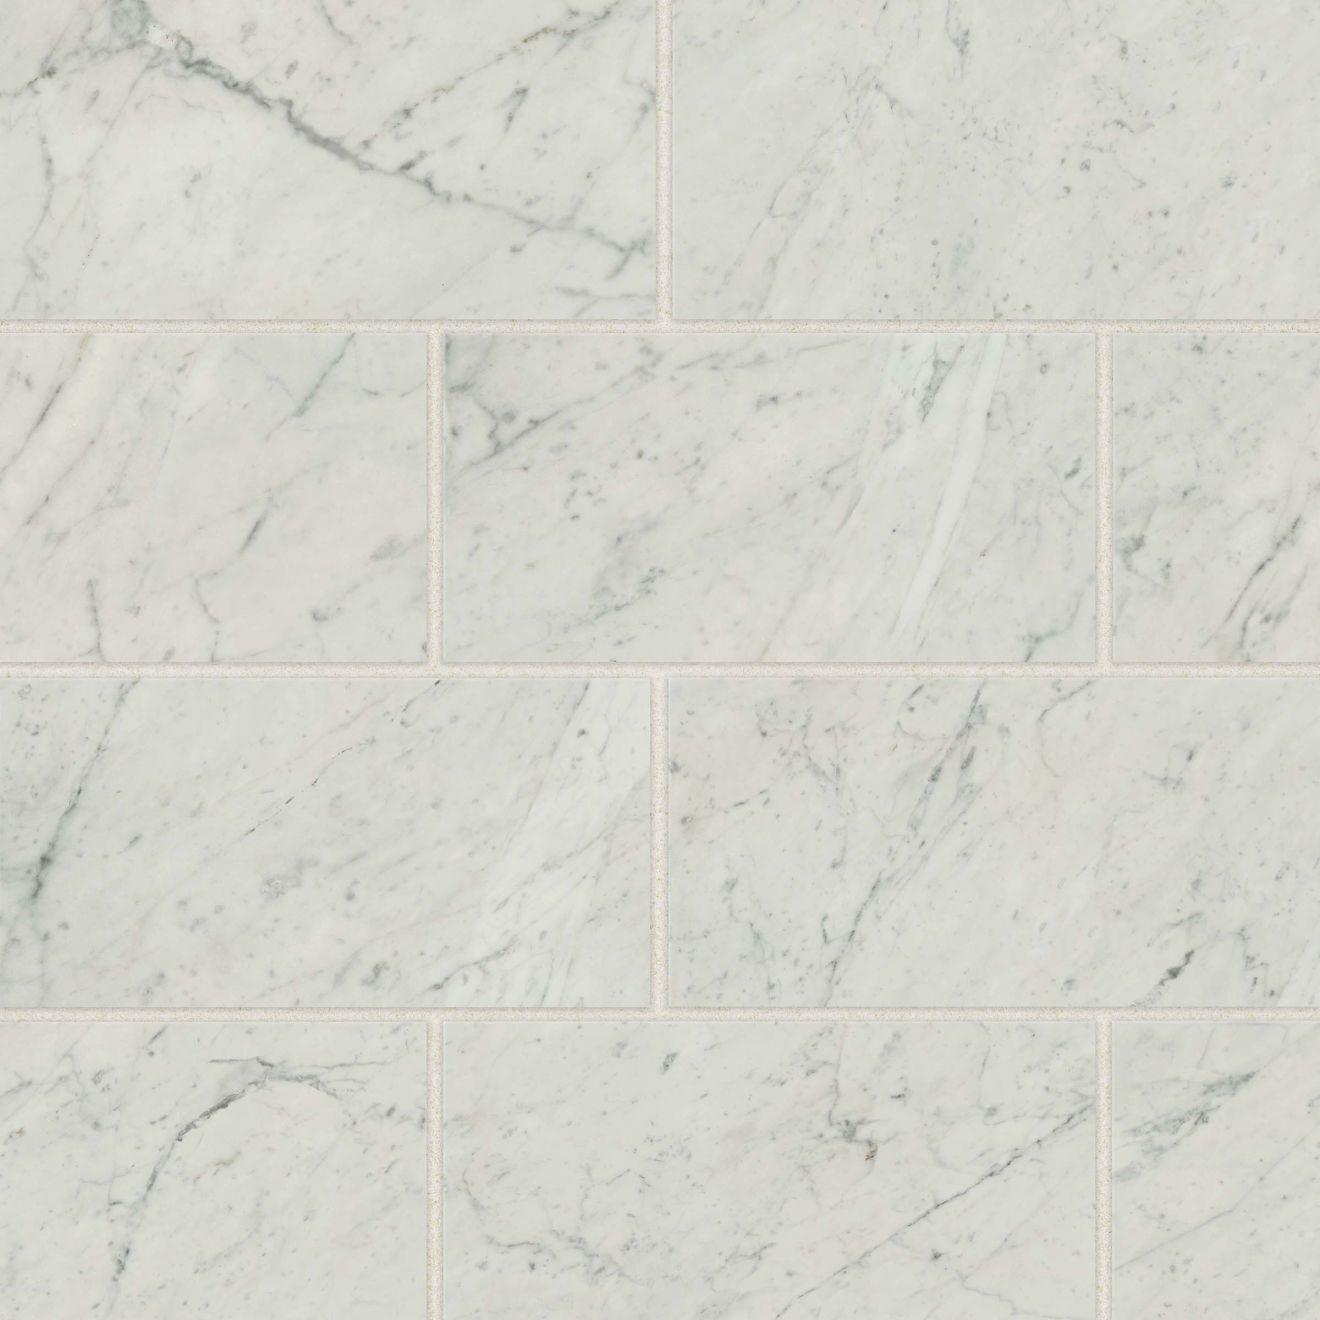 Classic 2 0 12 Quot X 24 Quot Floor Amp Wall Tile In Bianco Carrara